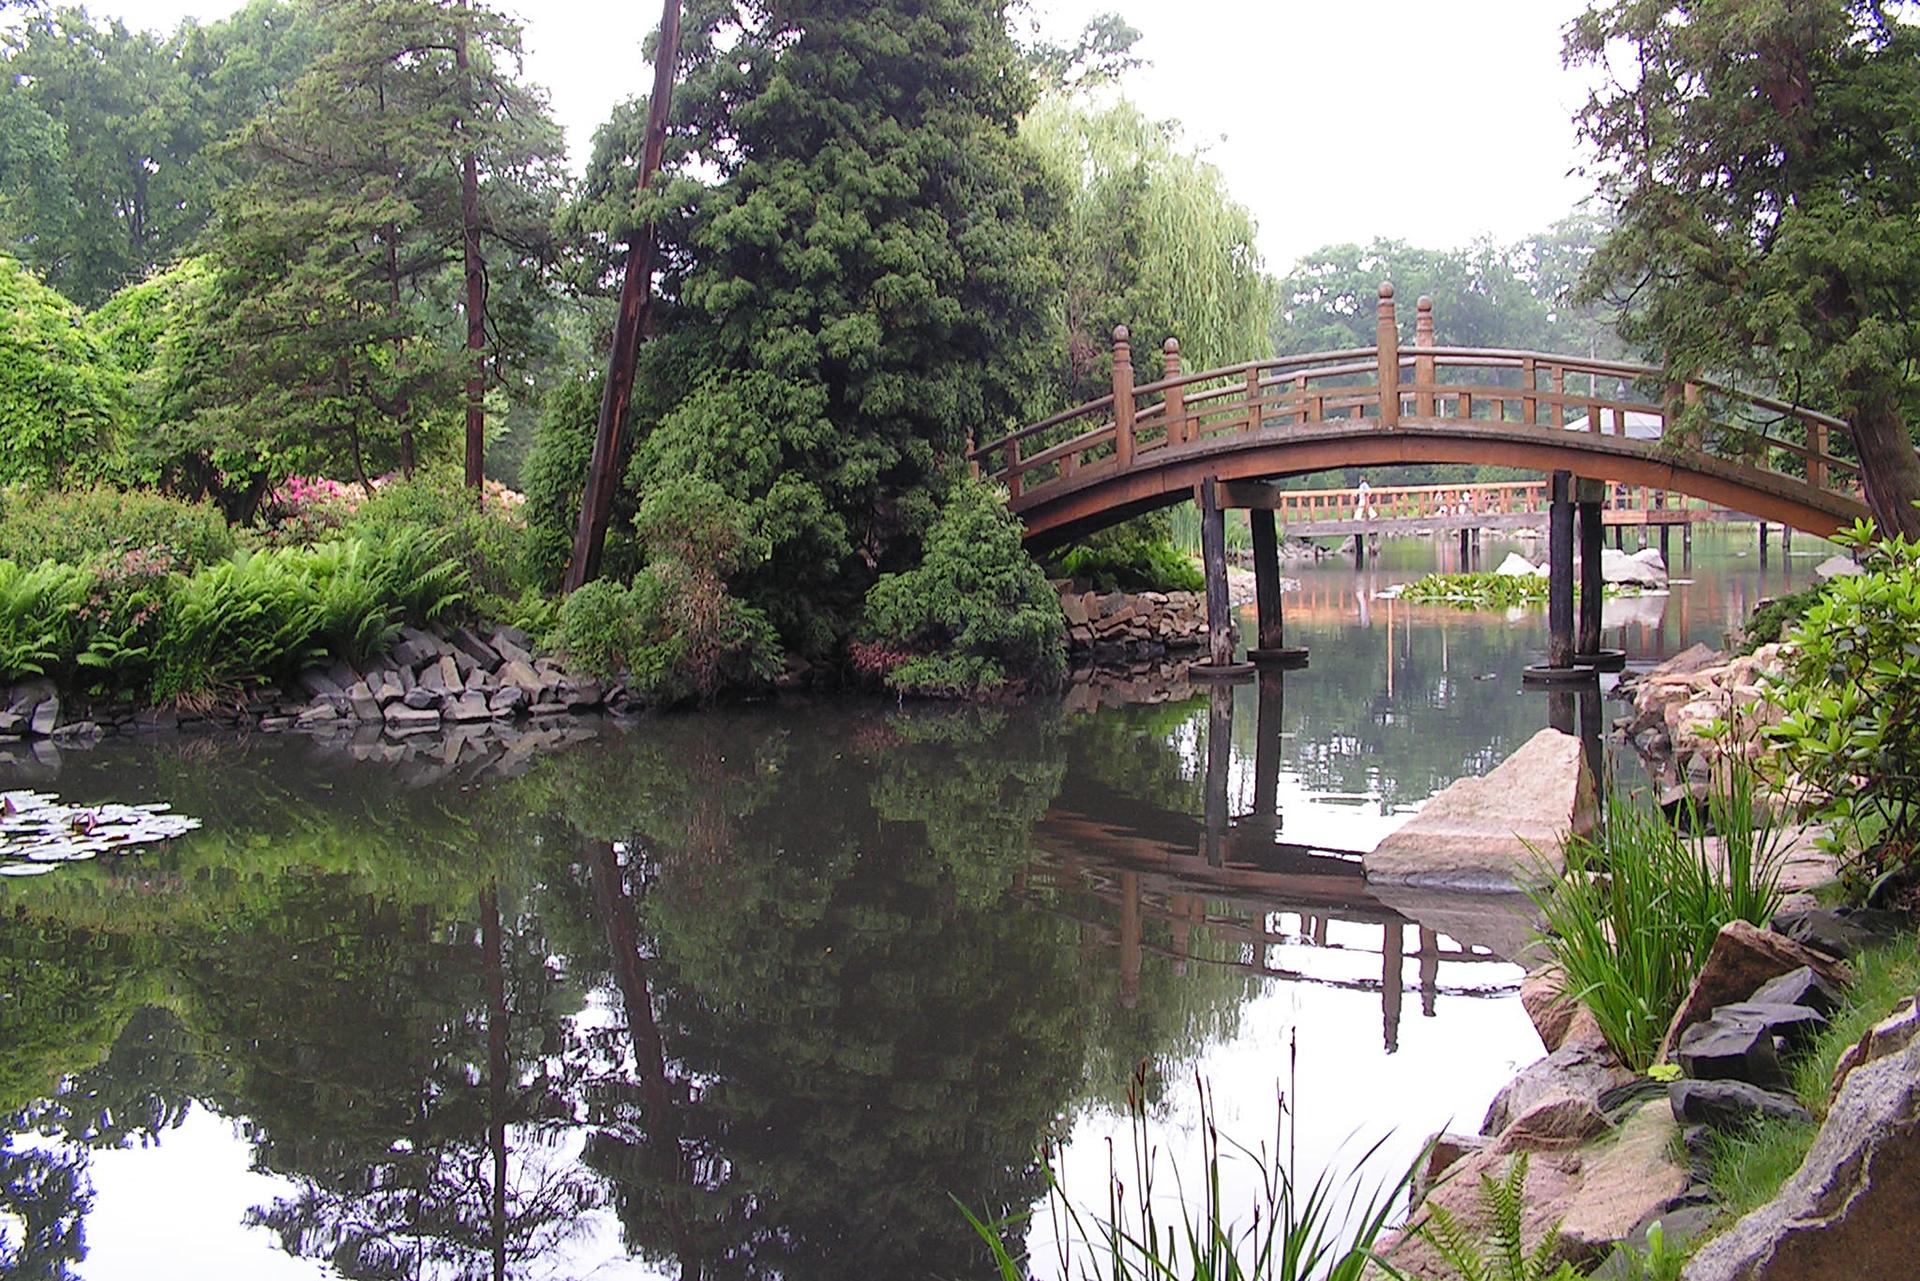 Fotografia prezentuje ogród japoński ze skałami, woda oraz mostem idrzewami.